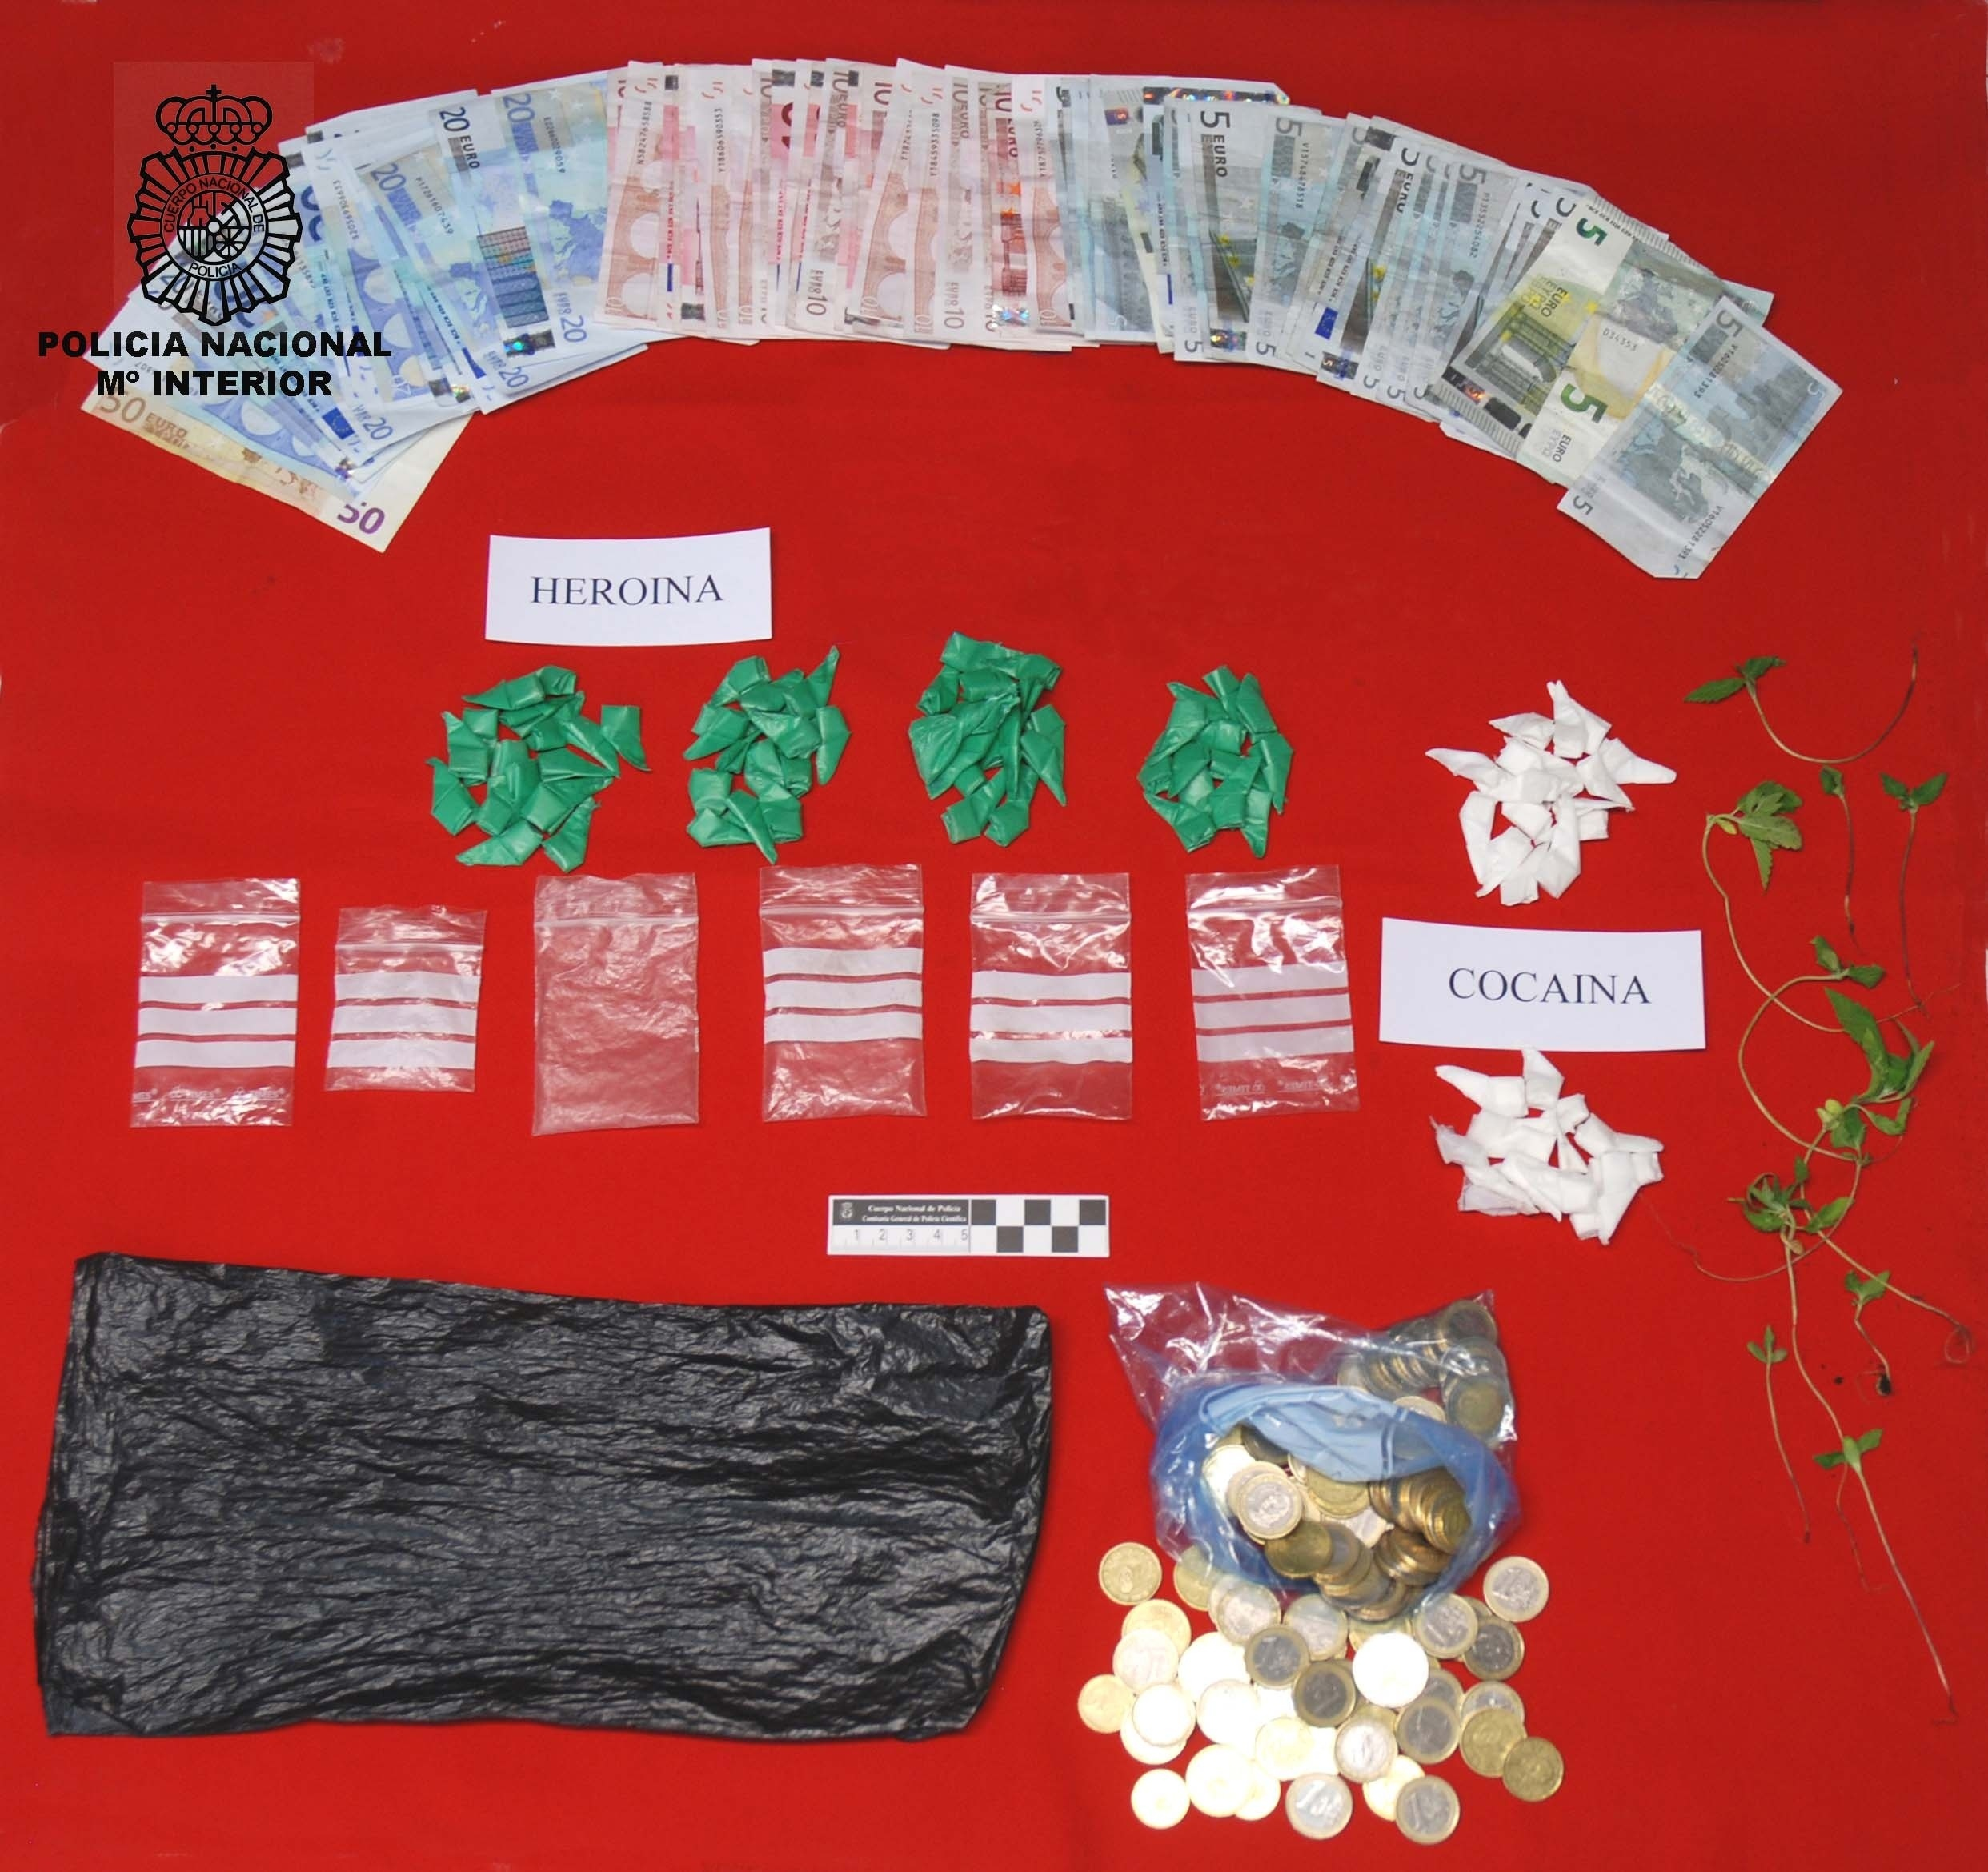 Cuatro detenidos, con un amplio historial delictivo, por vender cocaína y heroína en sus domicilios